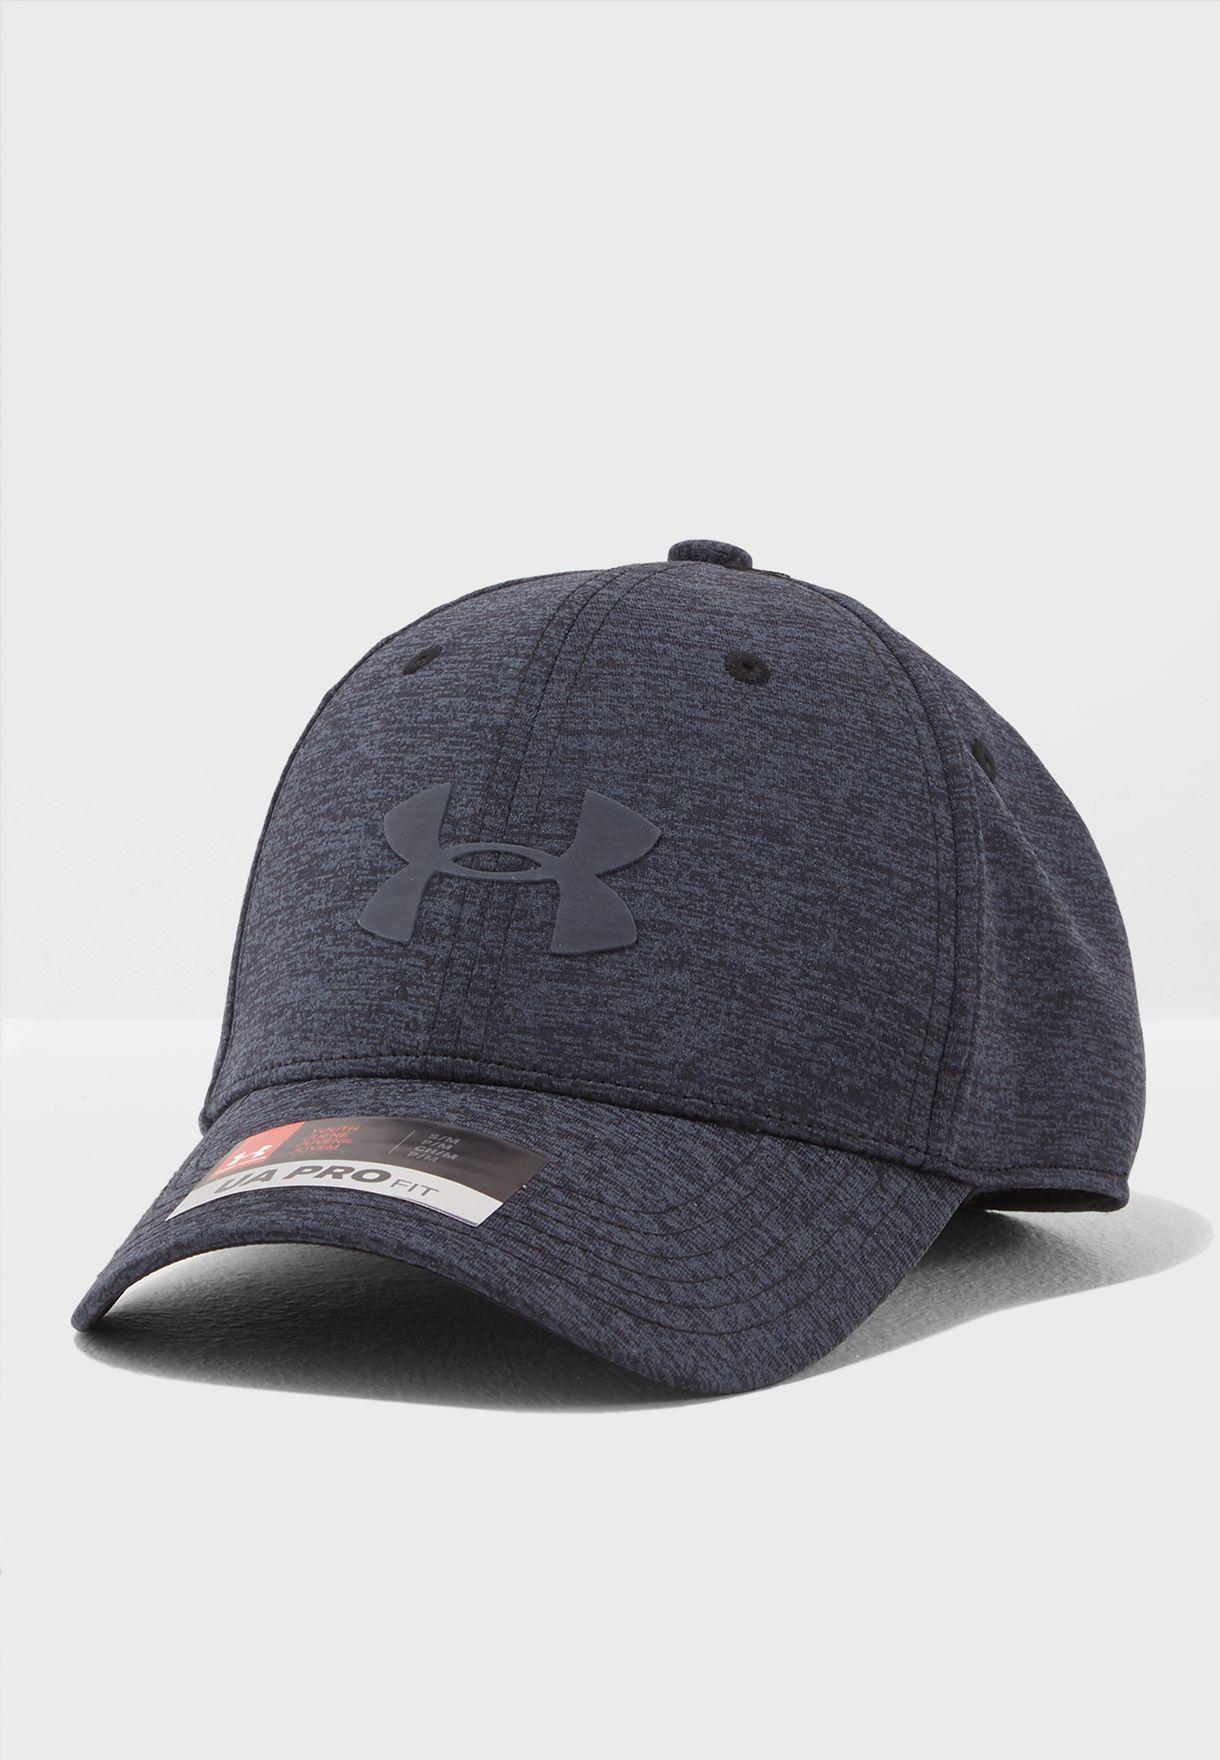 f95af2025c3 store under armour boys blitzing trucker stretch fit hat s m 1254660  multiple colors 19515 f4c8b  spain kids twist closer cap 81895 8a2d3